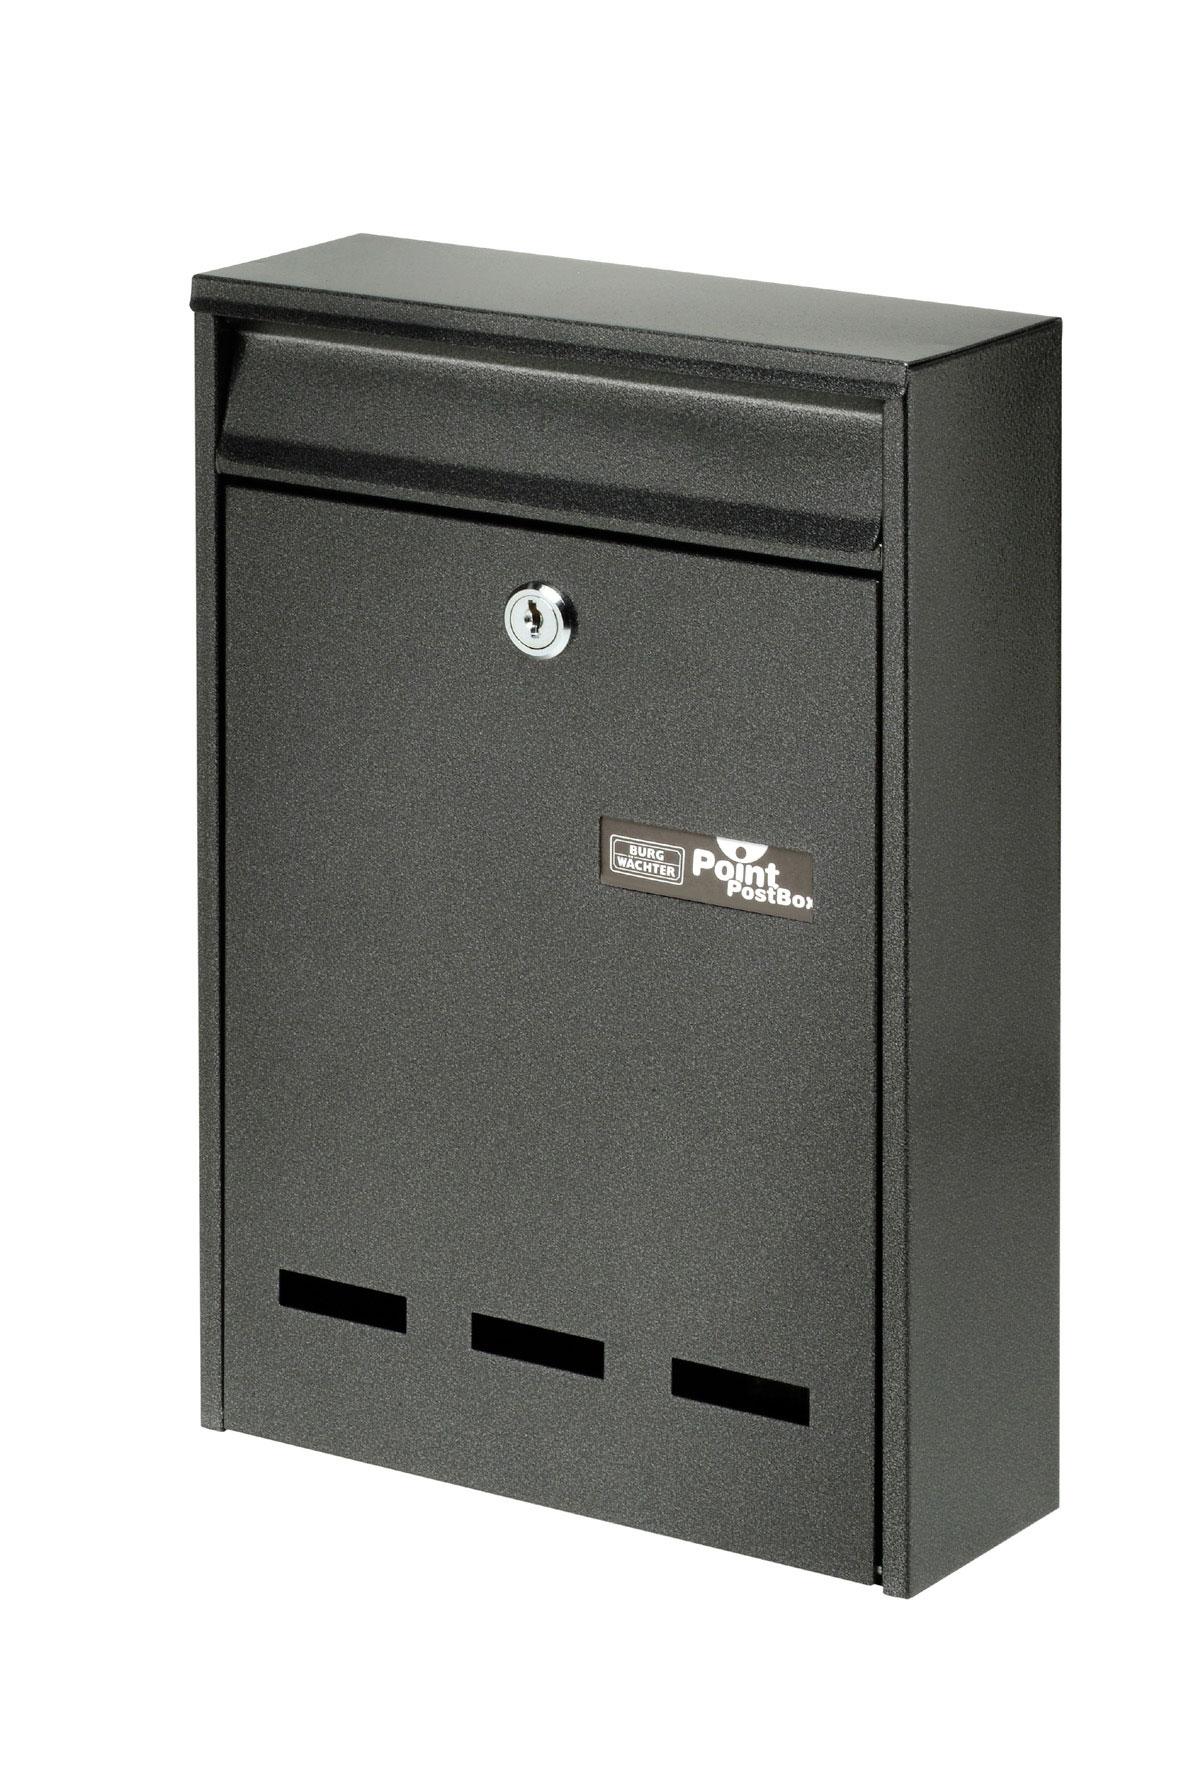 Burg Wächter Briefkasten Pocket alteisen 315x215x75mm Bild 1